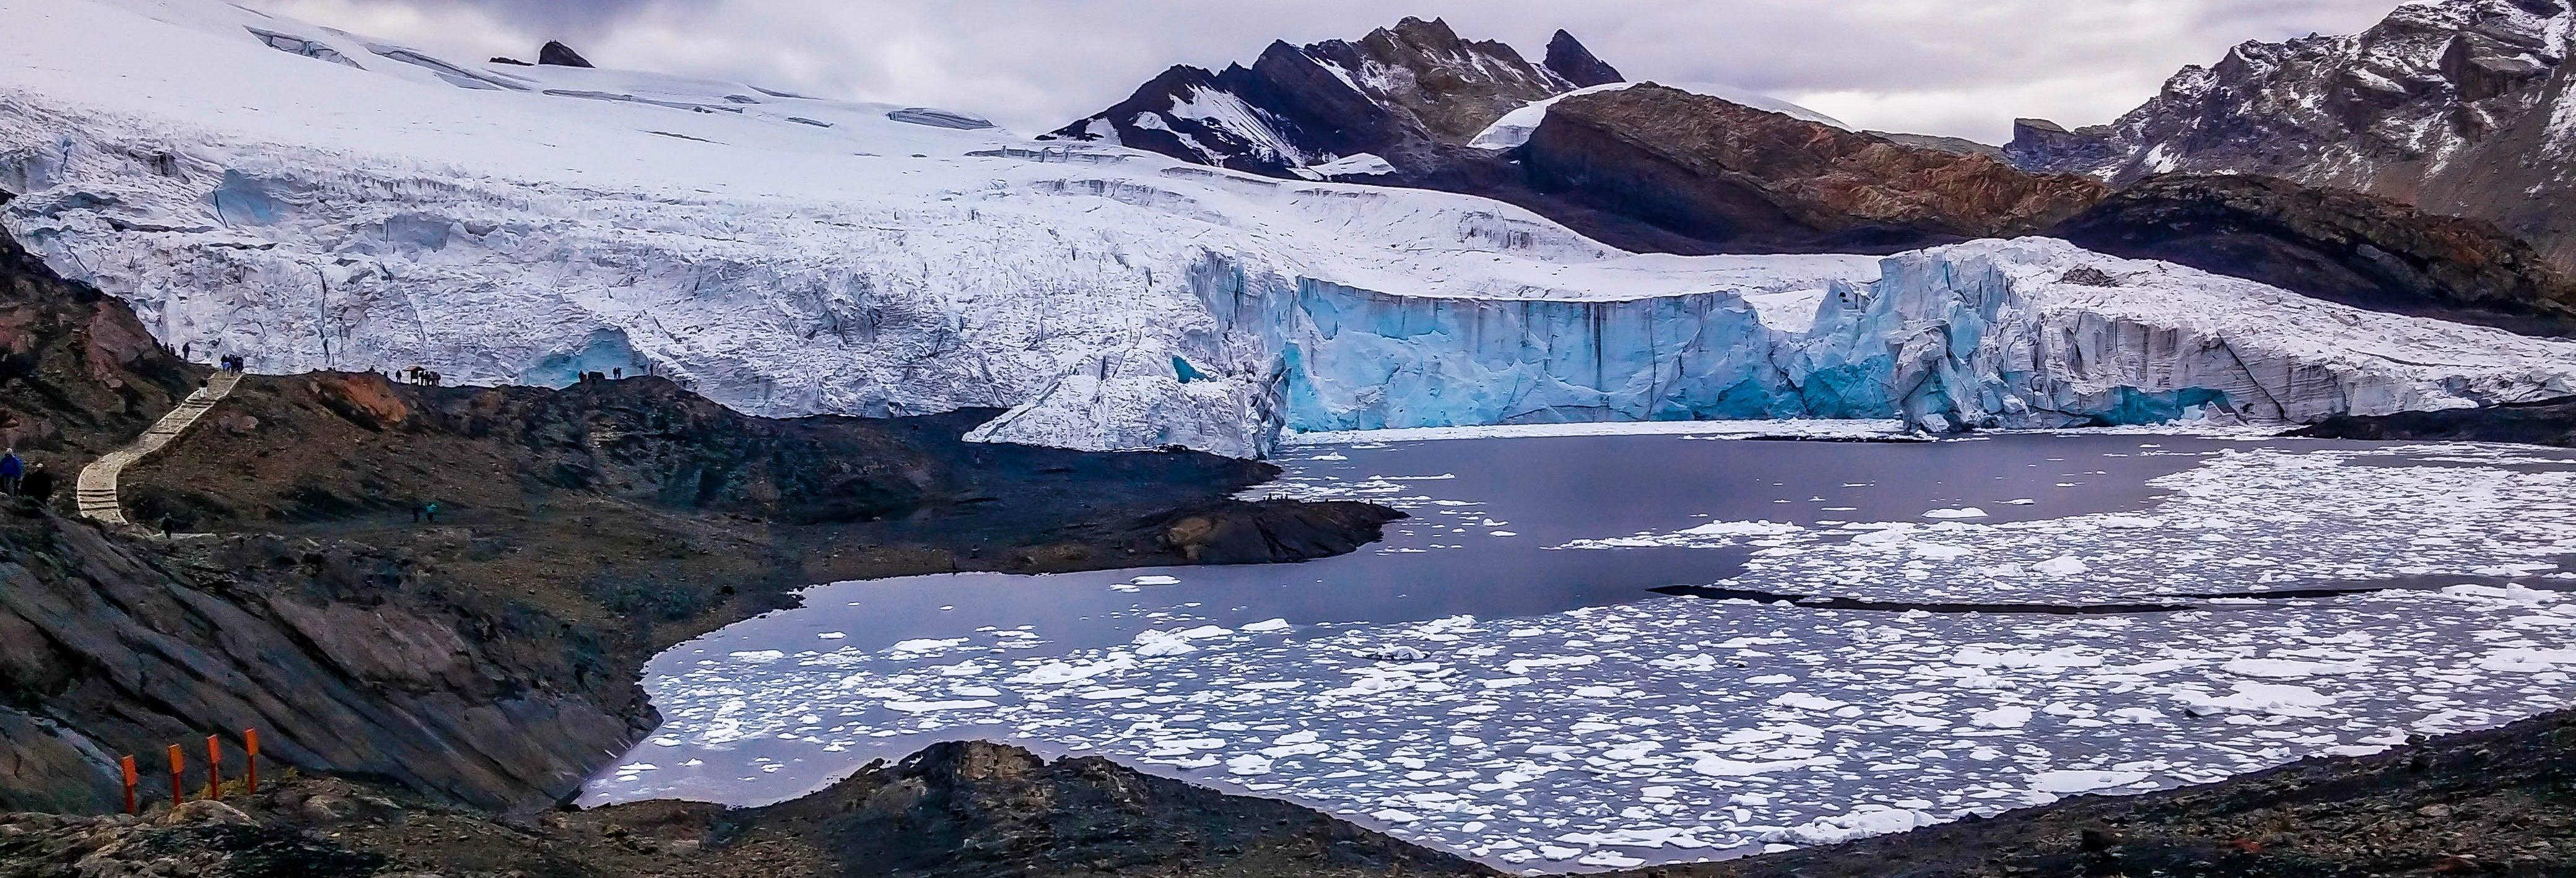 Excursión al glaciar Pastoruri